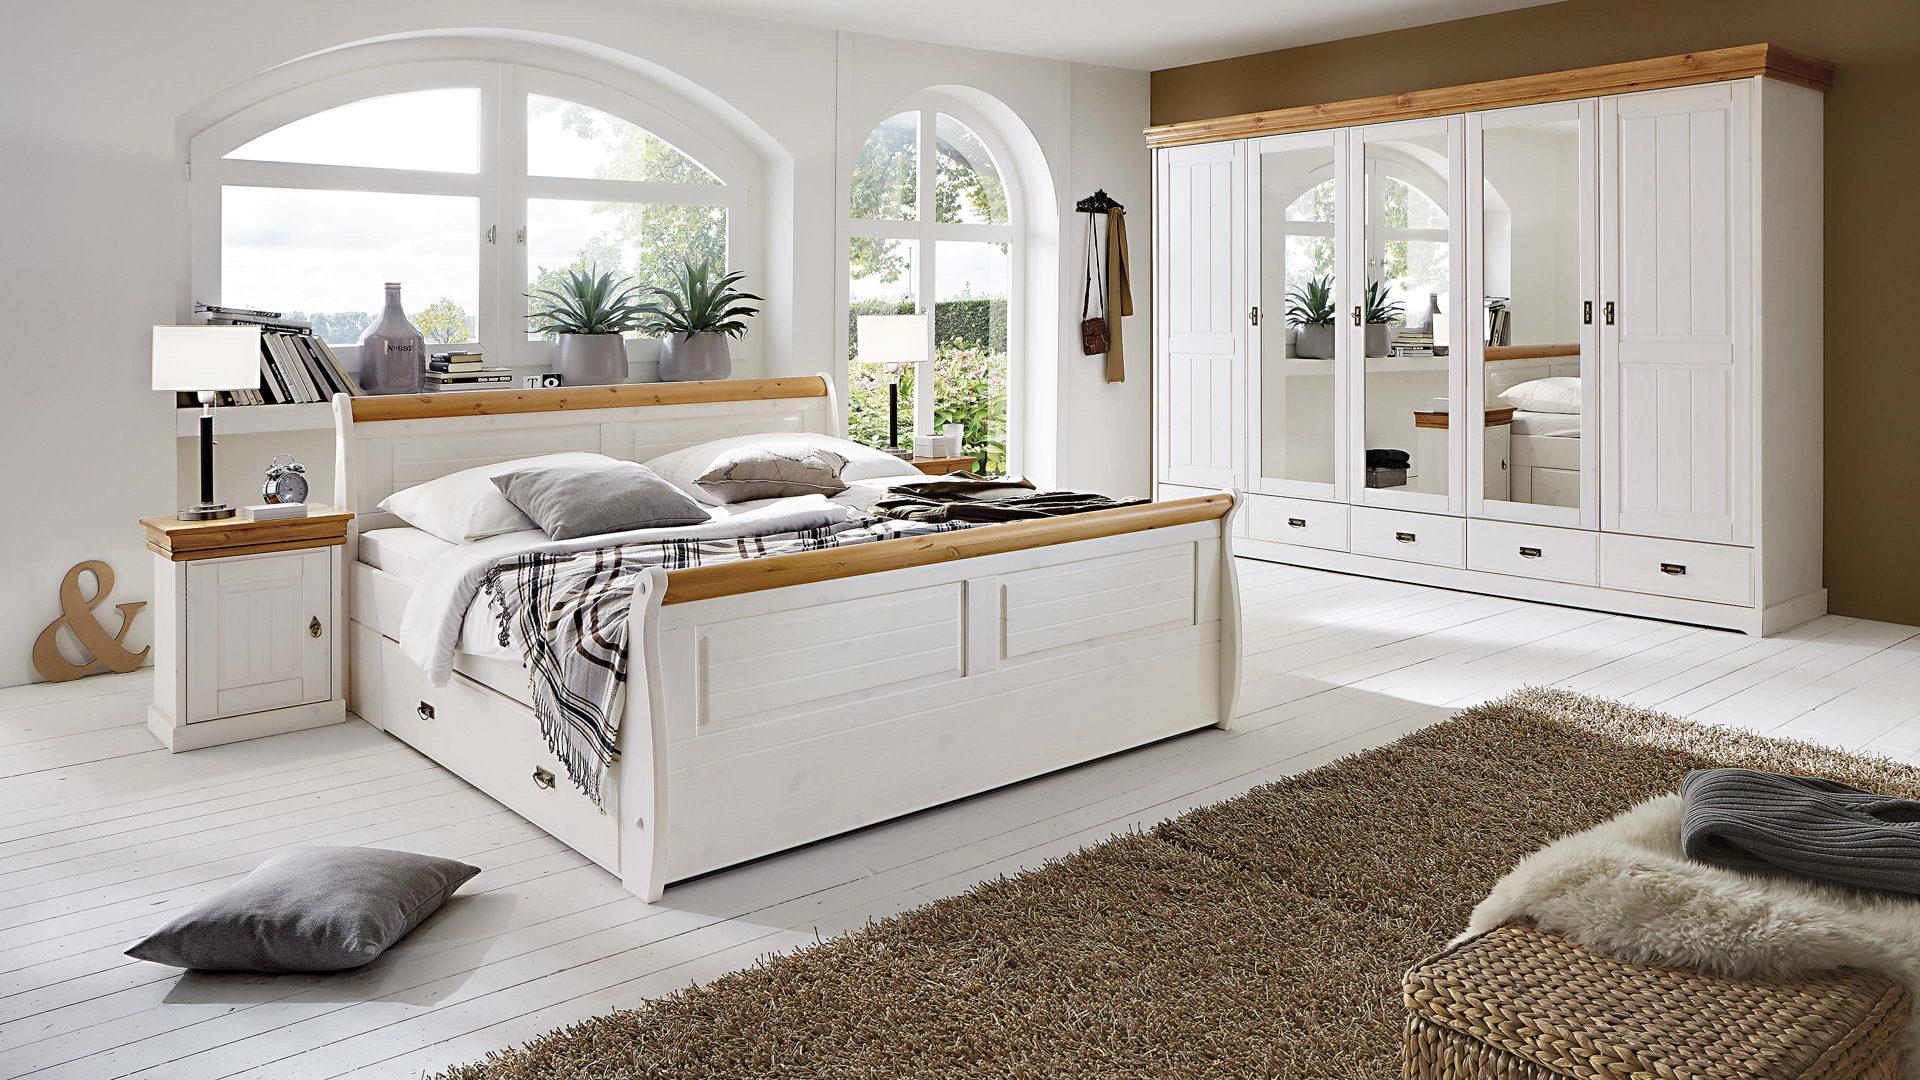 3S frankenmöbel Schlafzimmer im nordischen Landhaus-Stil mit ...